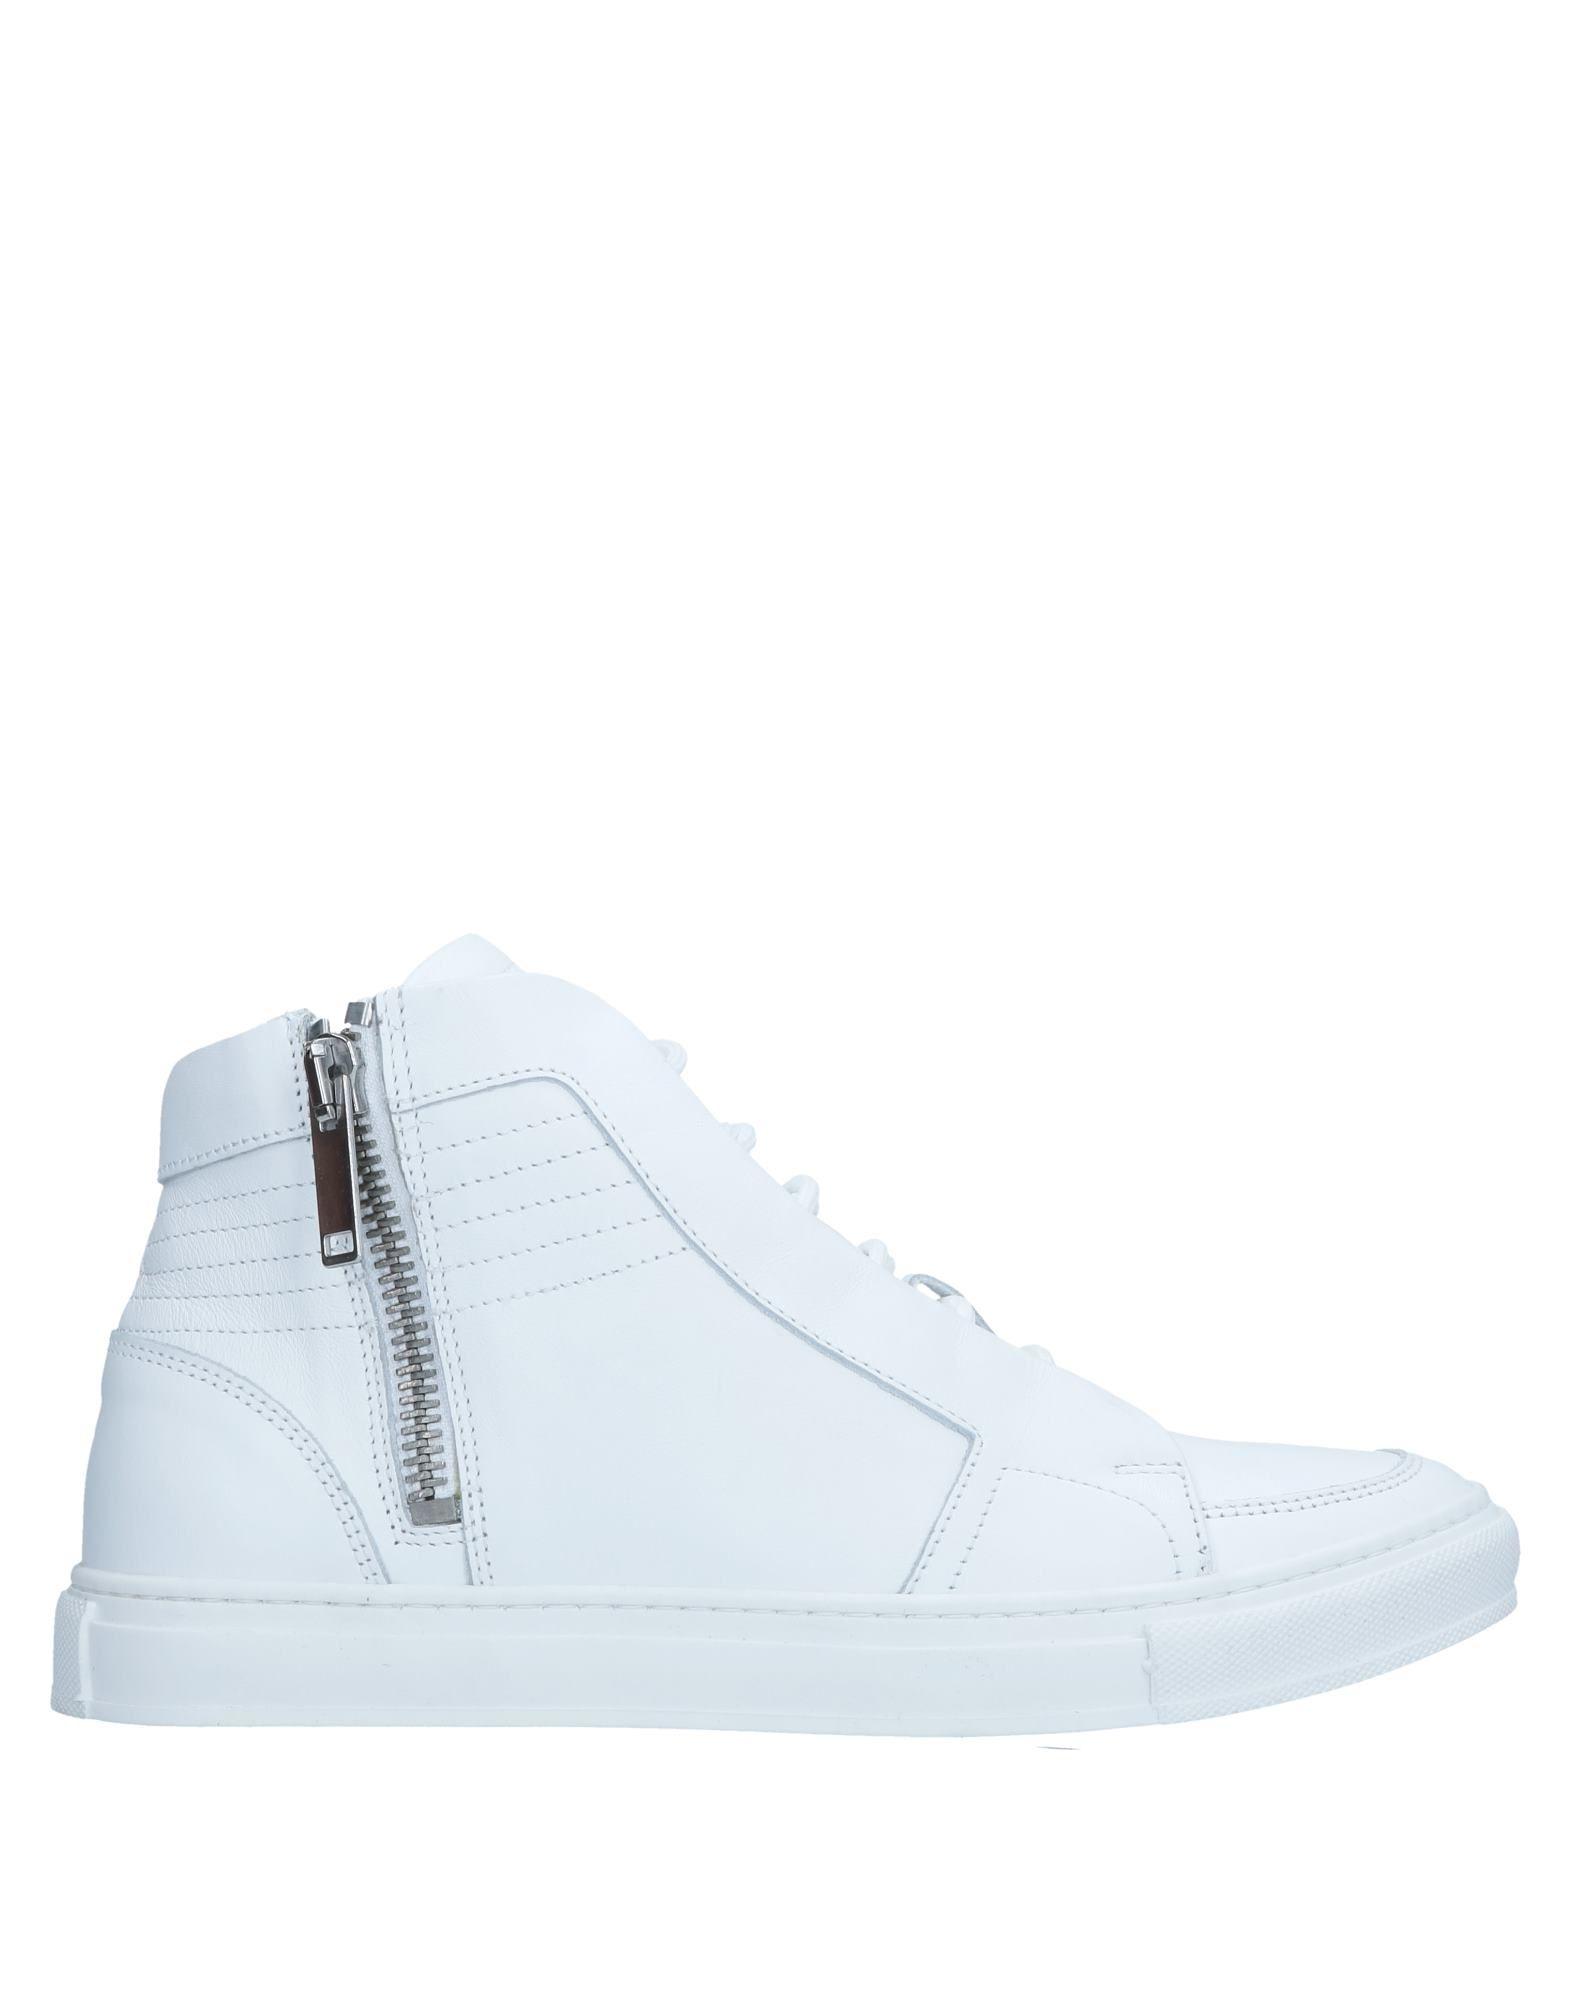 Rabatt echte Schuhe Antony Morato Sneakers Herren  11545838DJ